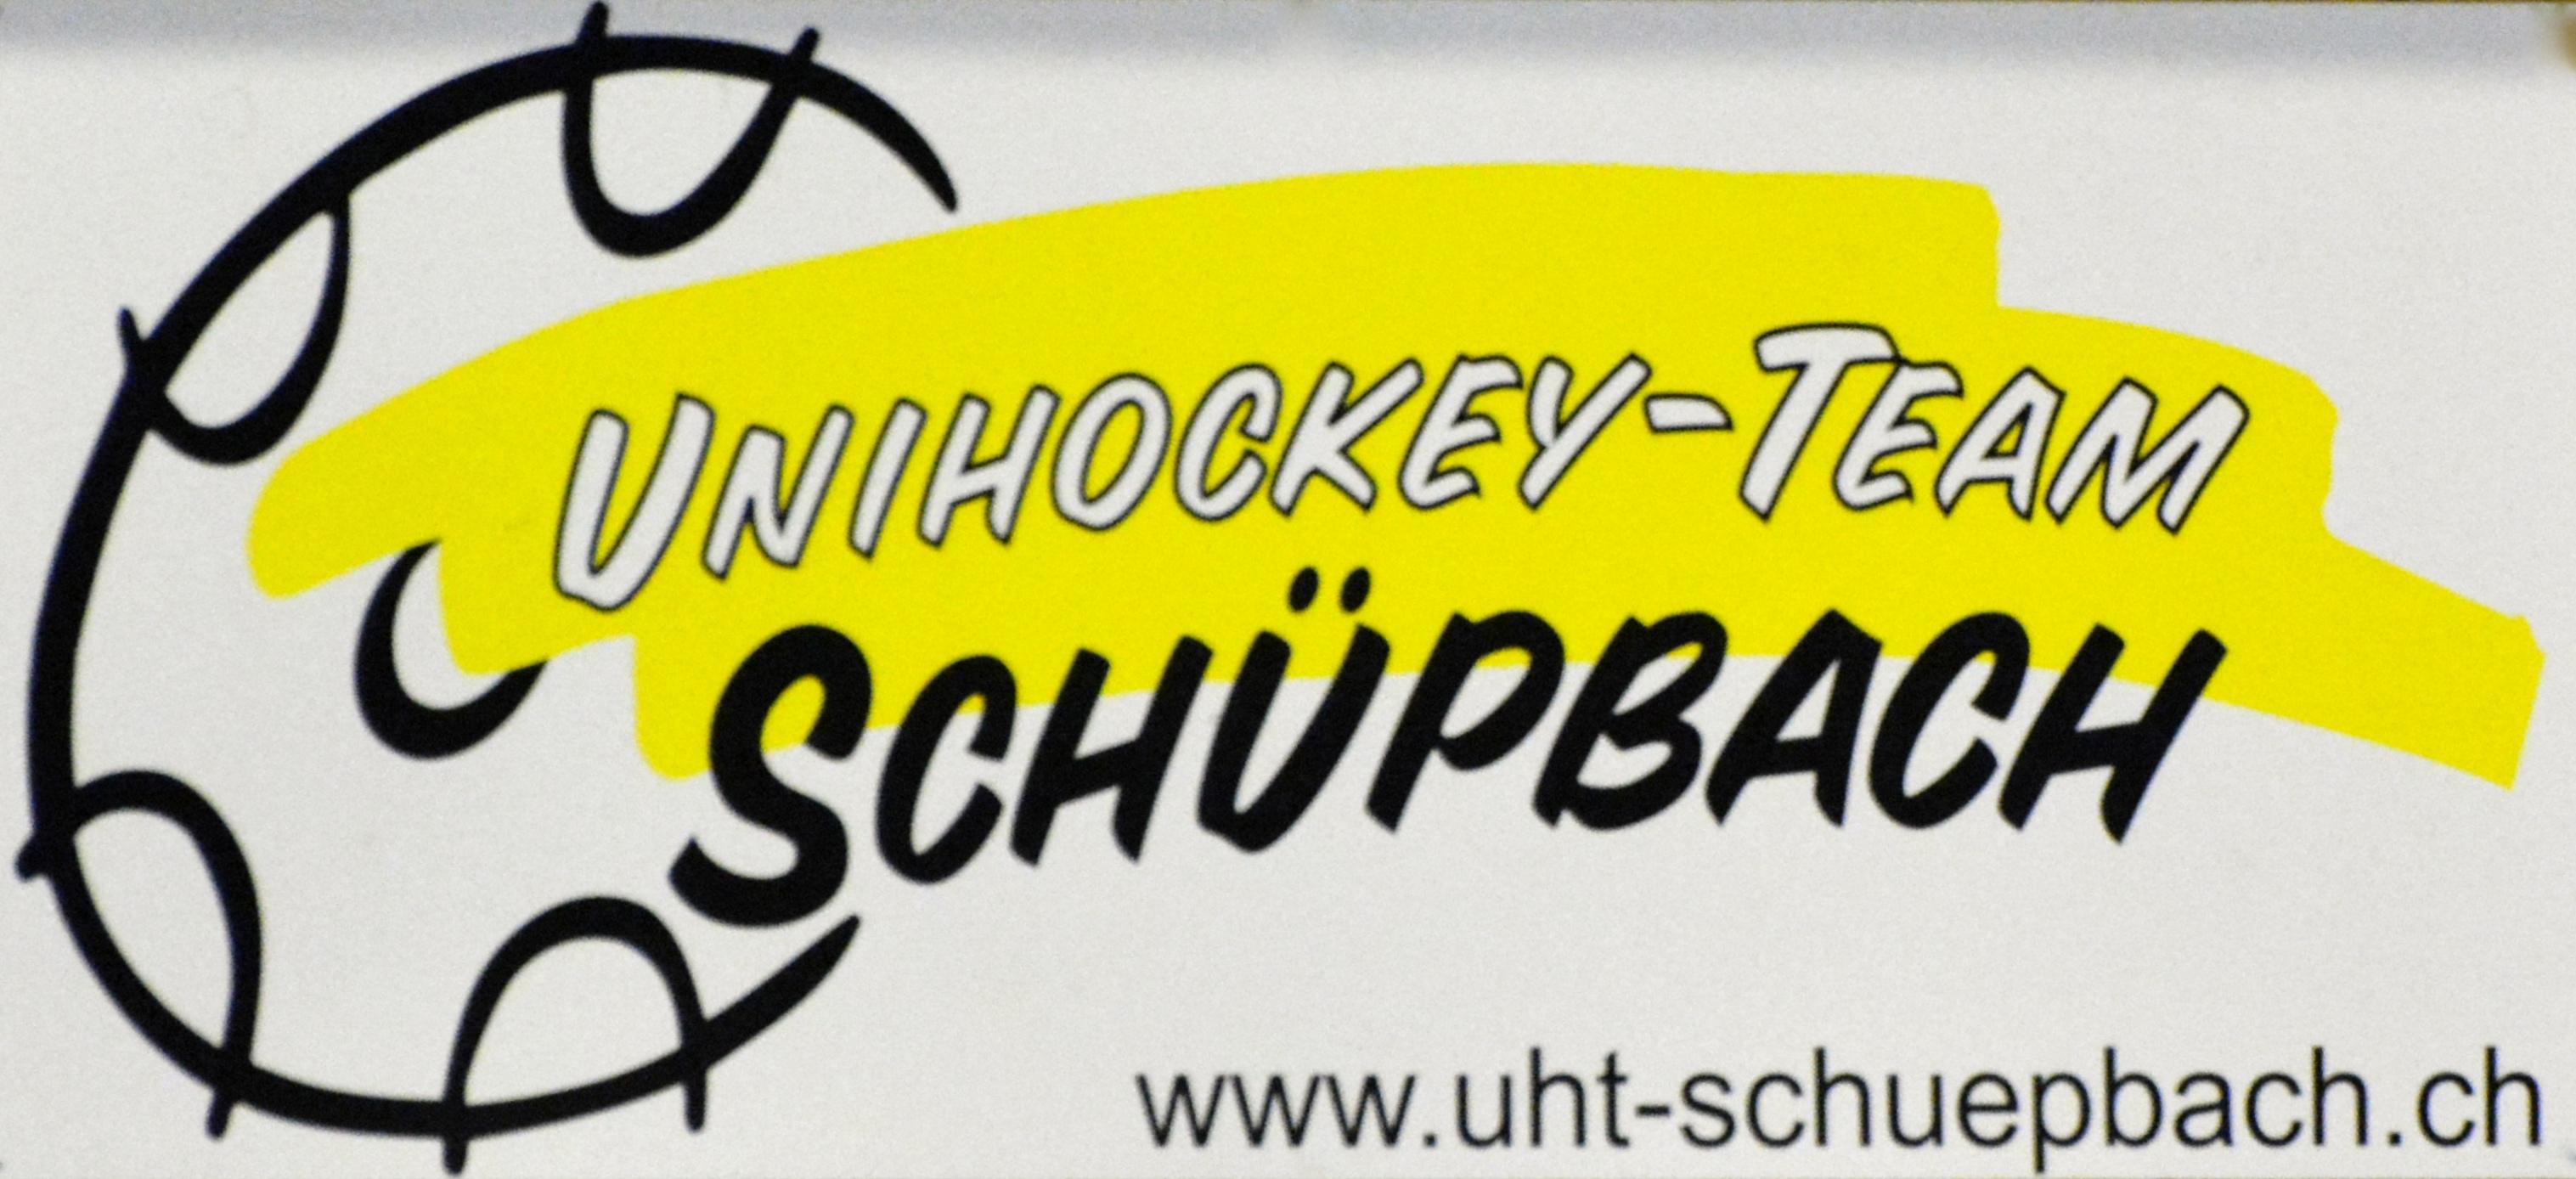 Junioren D I - UHT Schüpbach Saison 2014/15